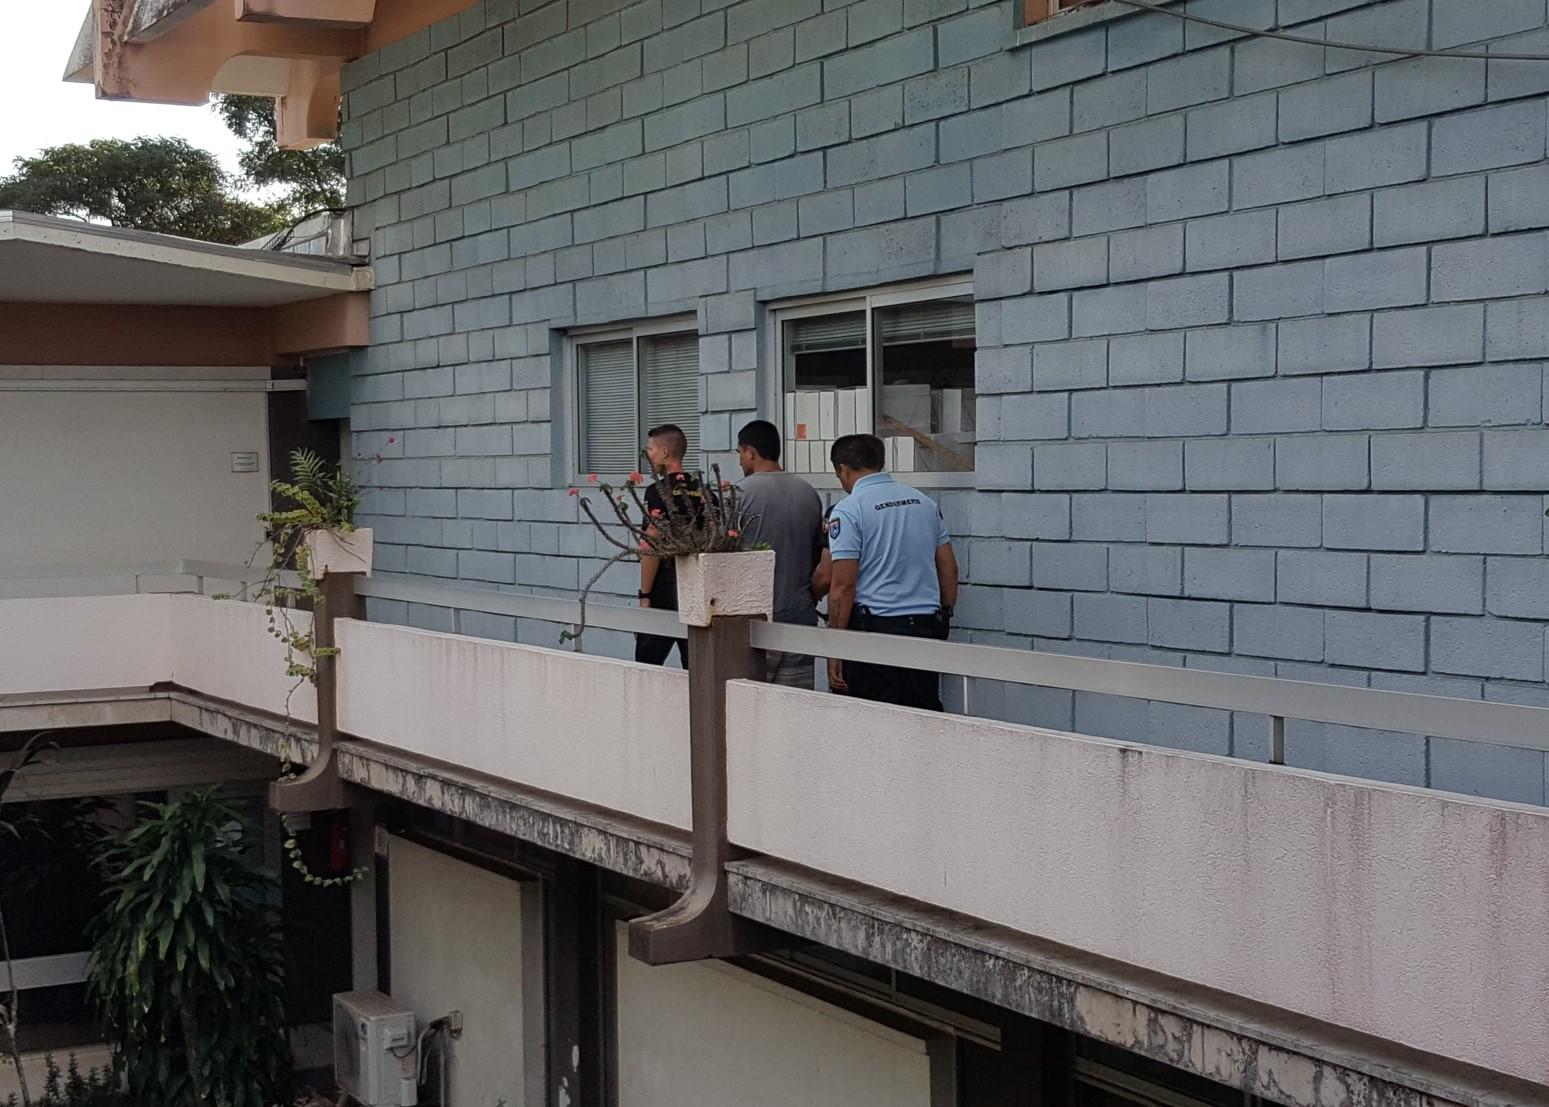 Le détenu a été reconduit au centre de détention de Papeari avec un casier plus riche d'une condamnation à 6 mois de prison ferme.